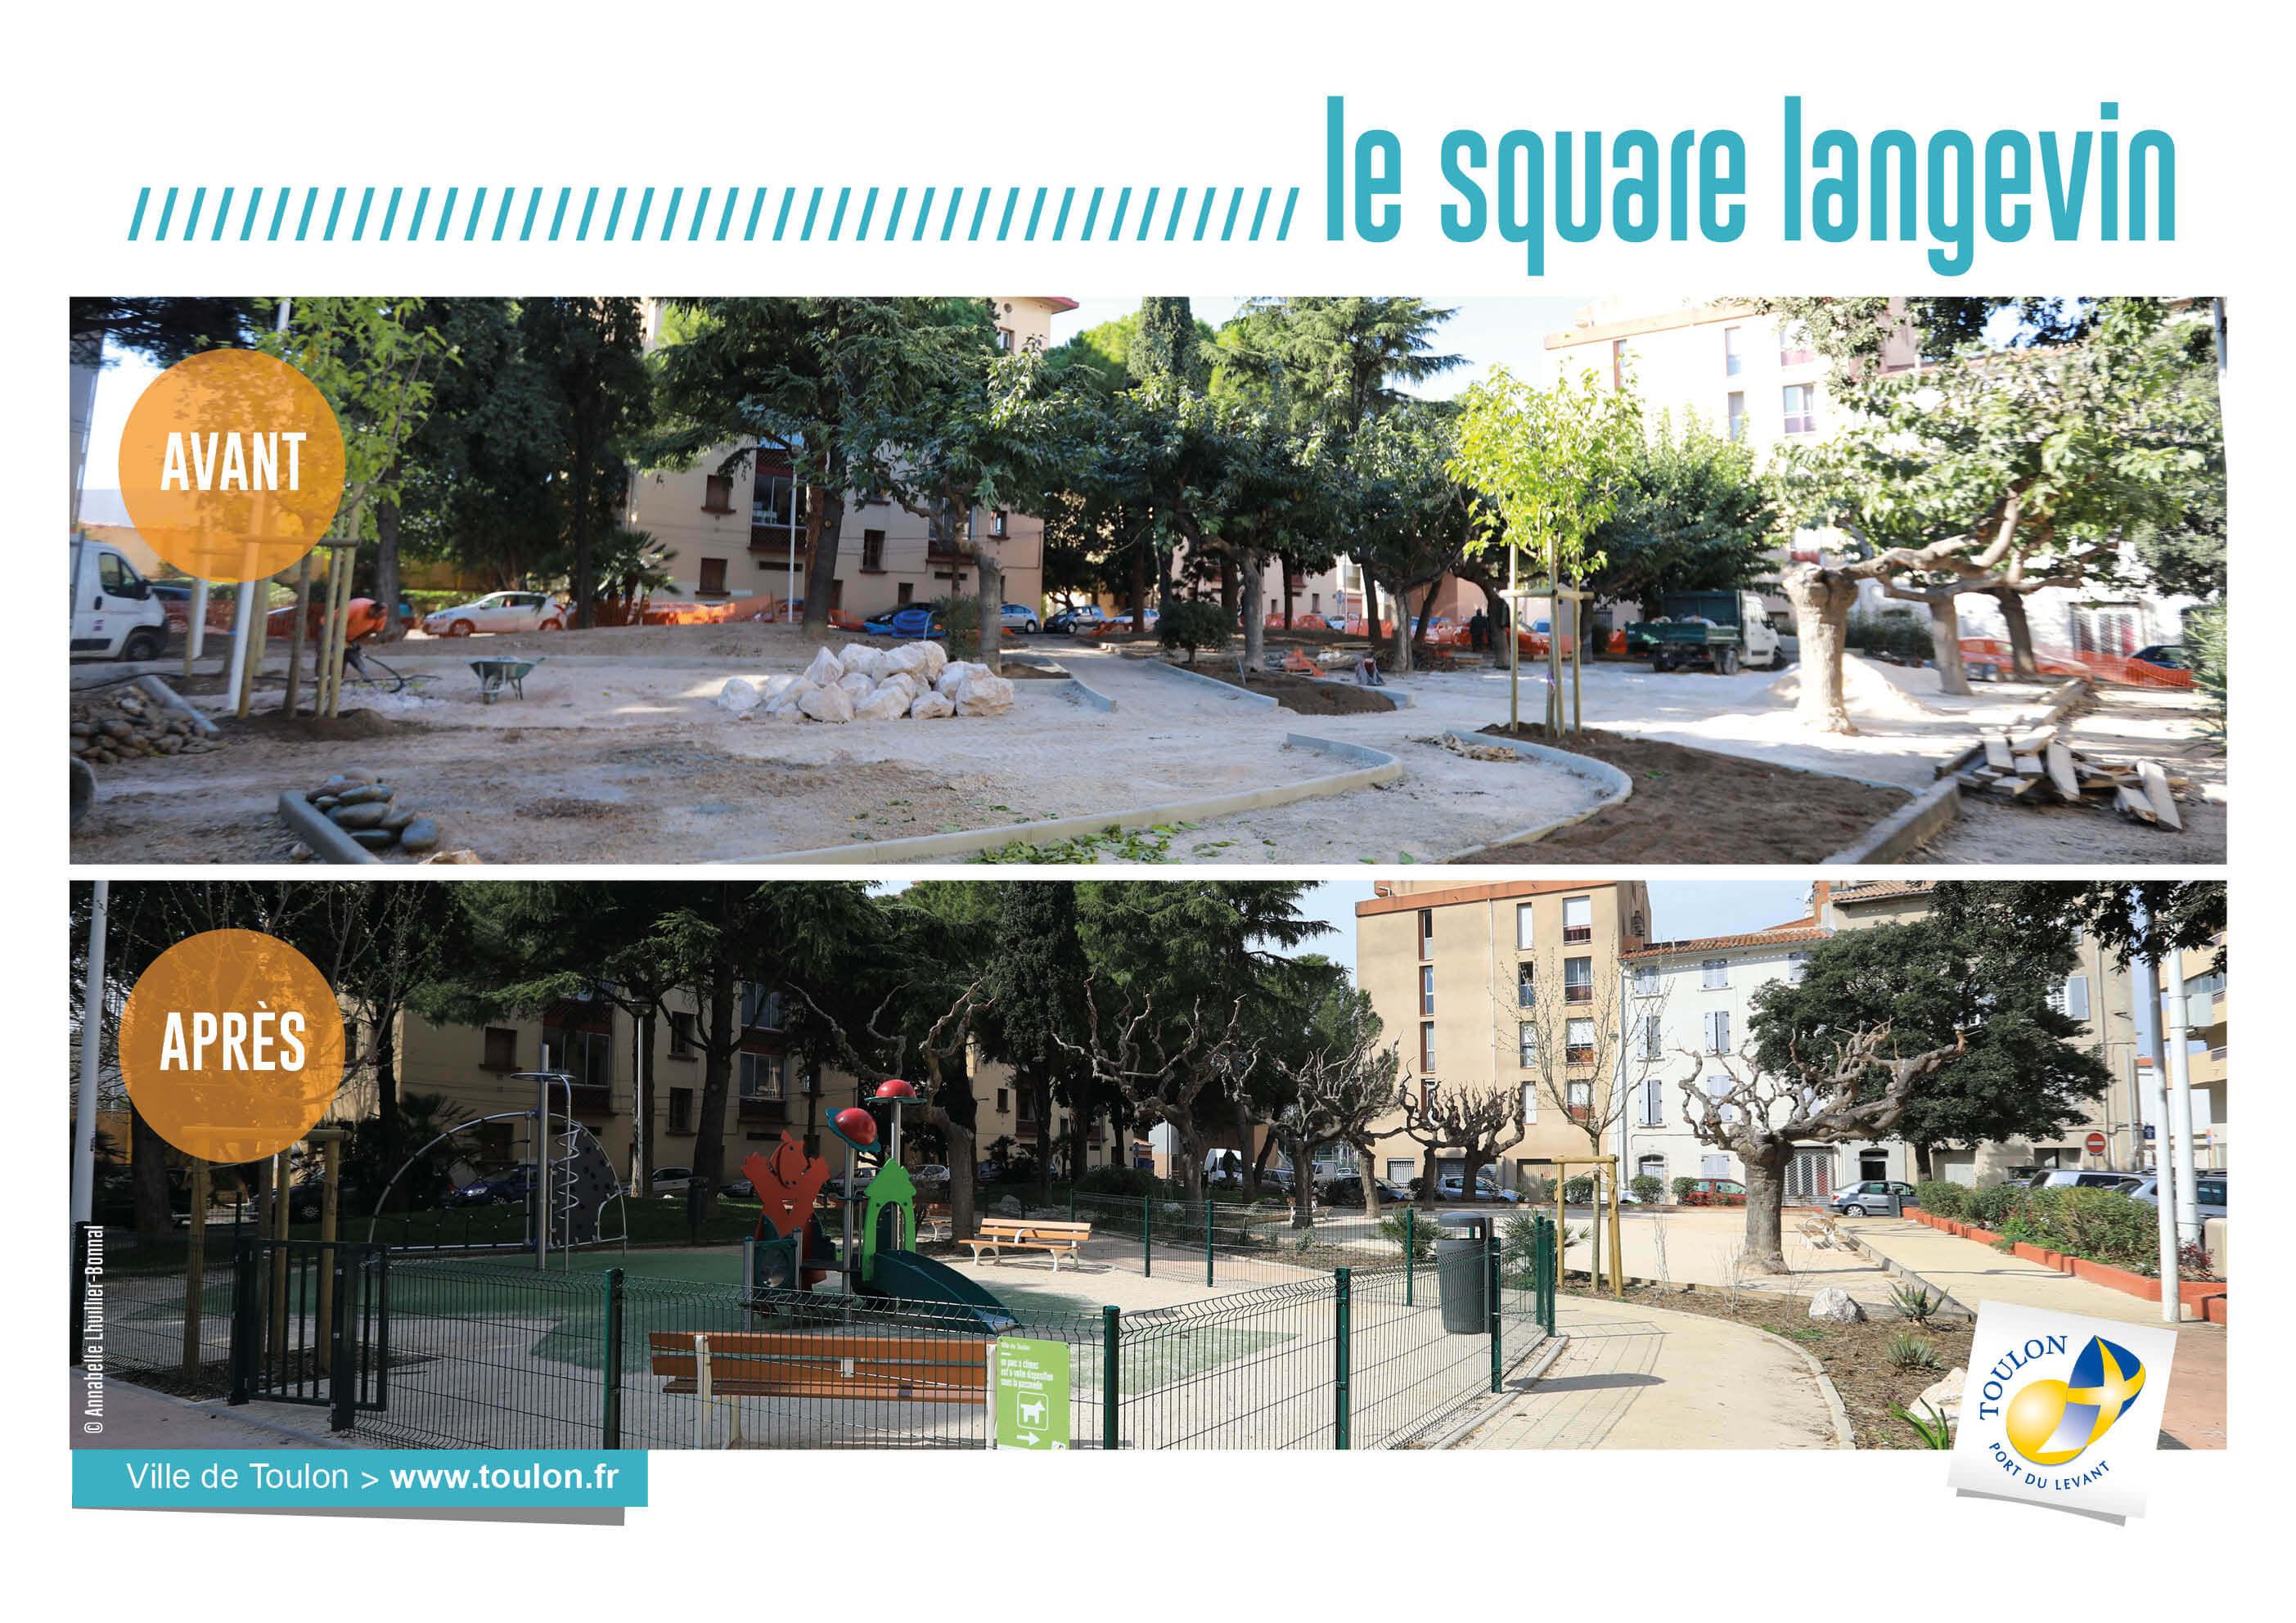 Le square de langevin